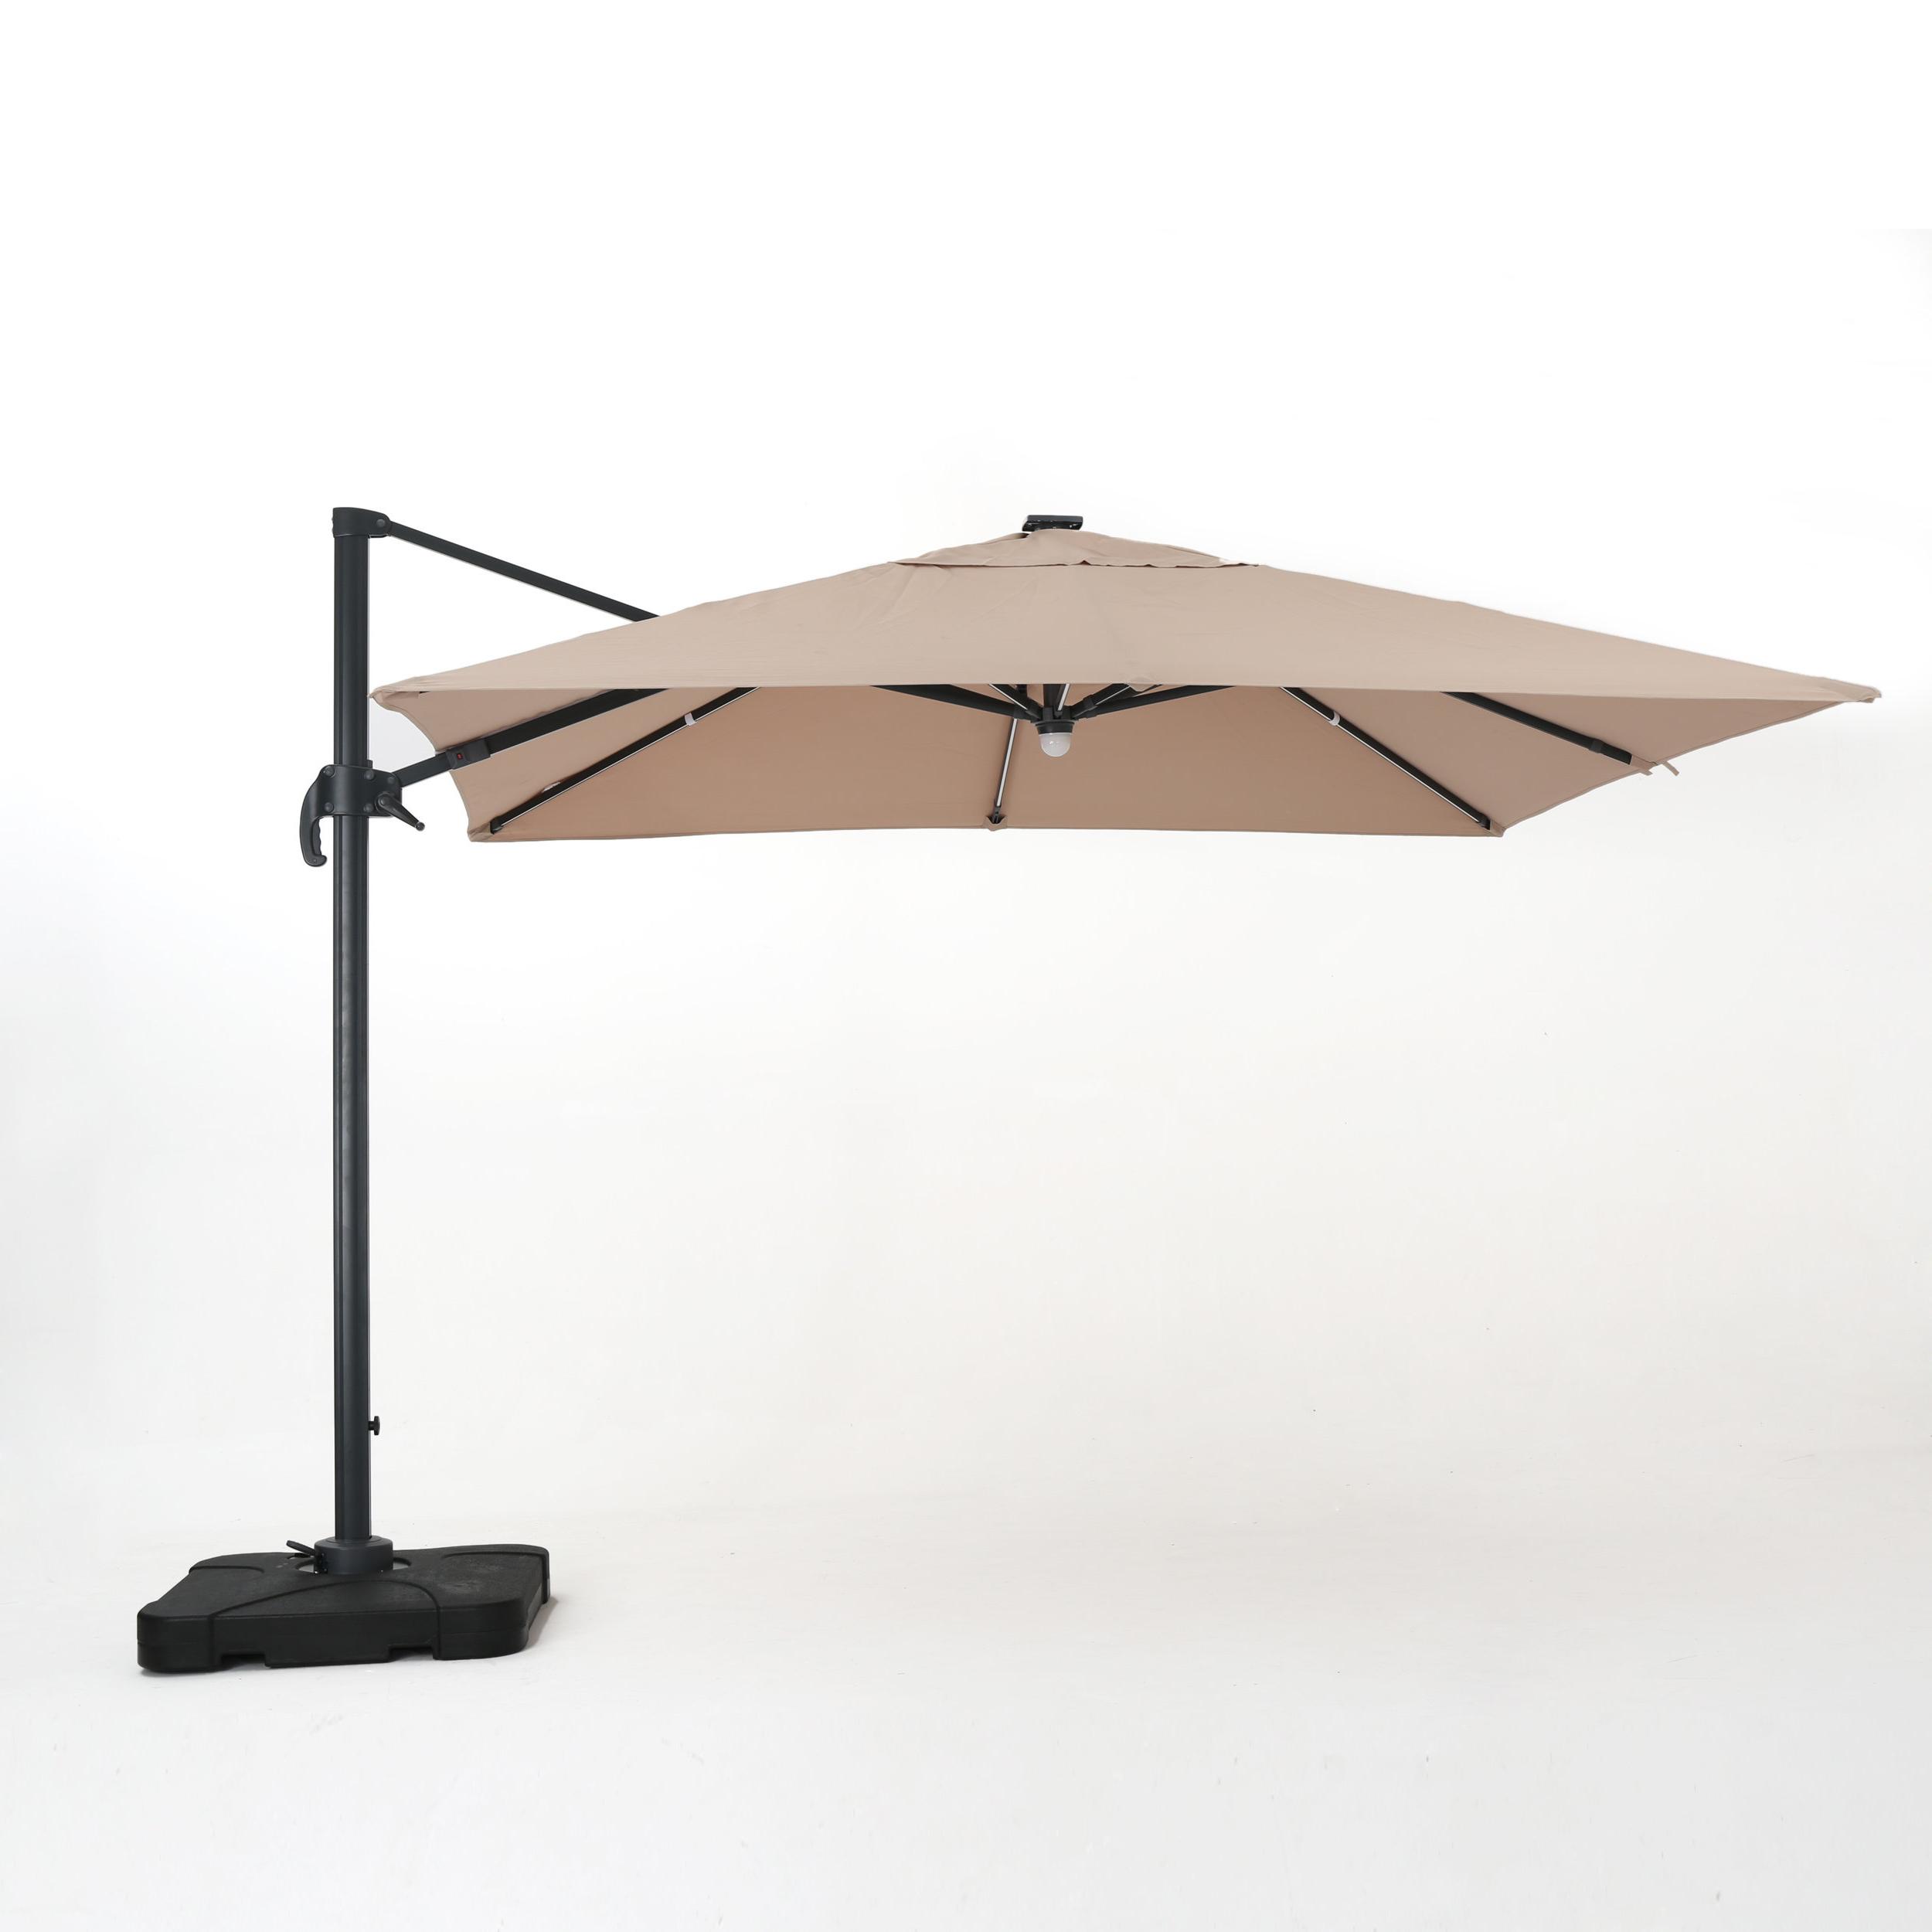 Latest Boracay Square Cantilever Umbrellas In Jendayi Square Cantilever Umbrella (View 15 of 20)